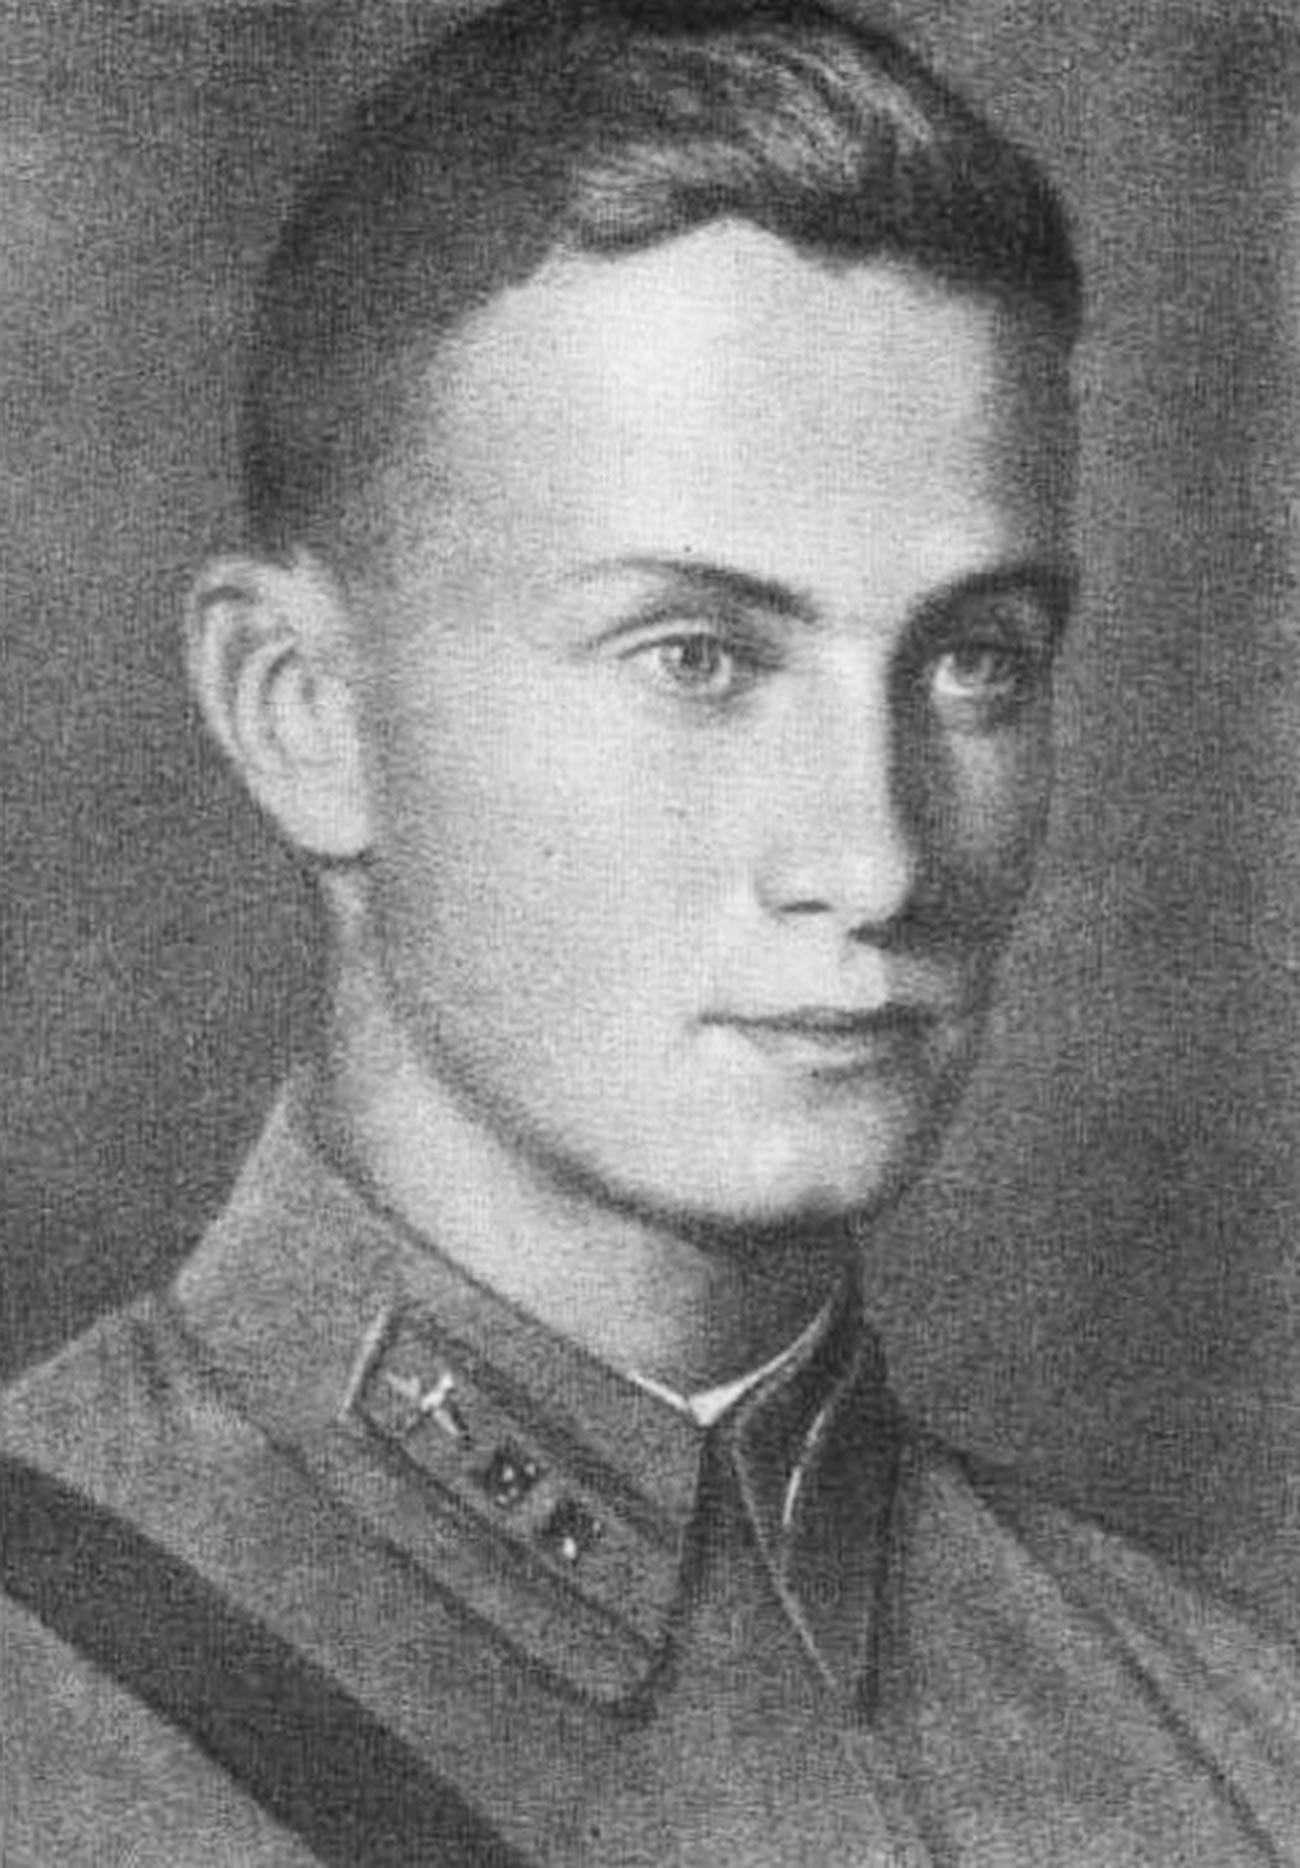 Тимур Фрунзе.